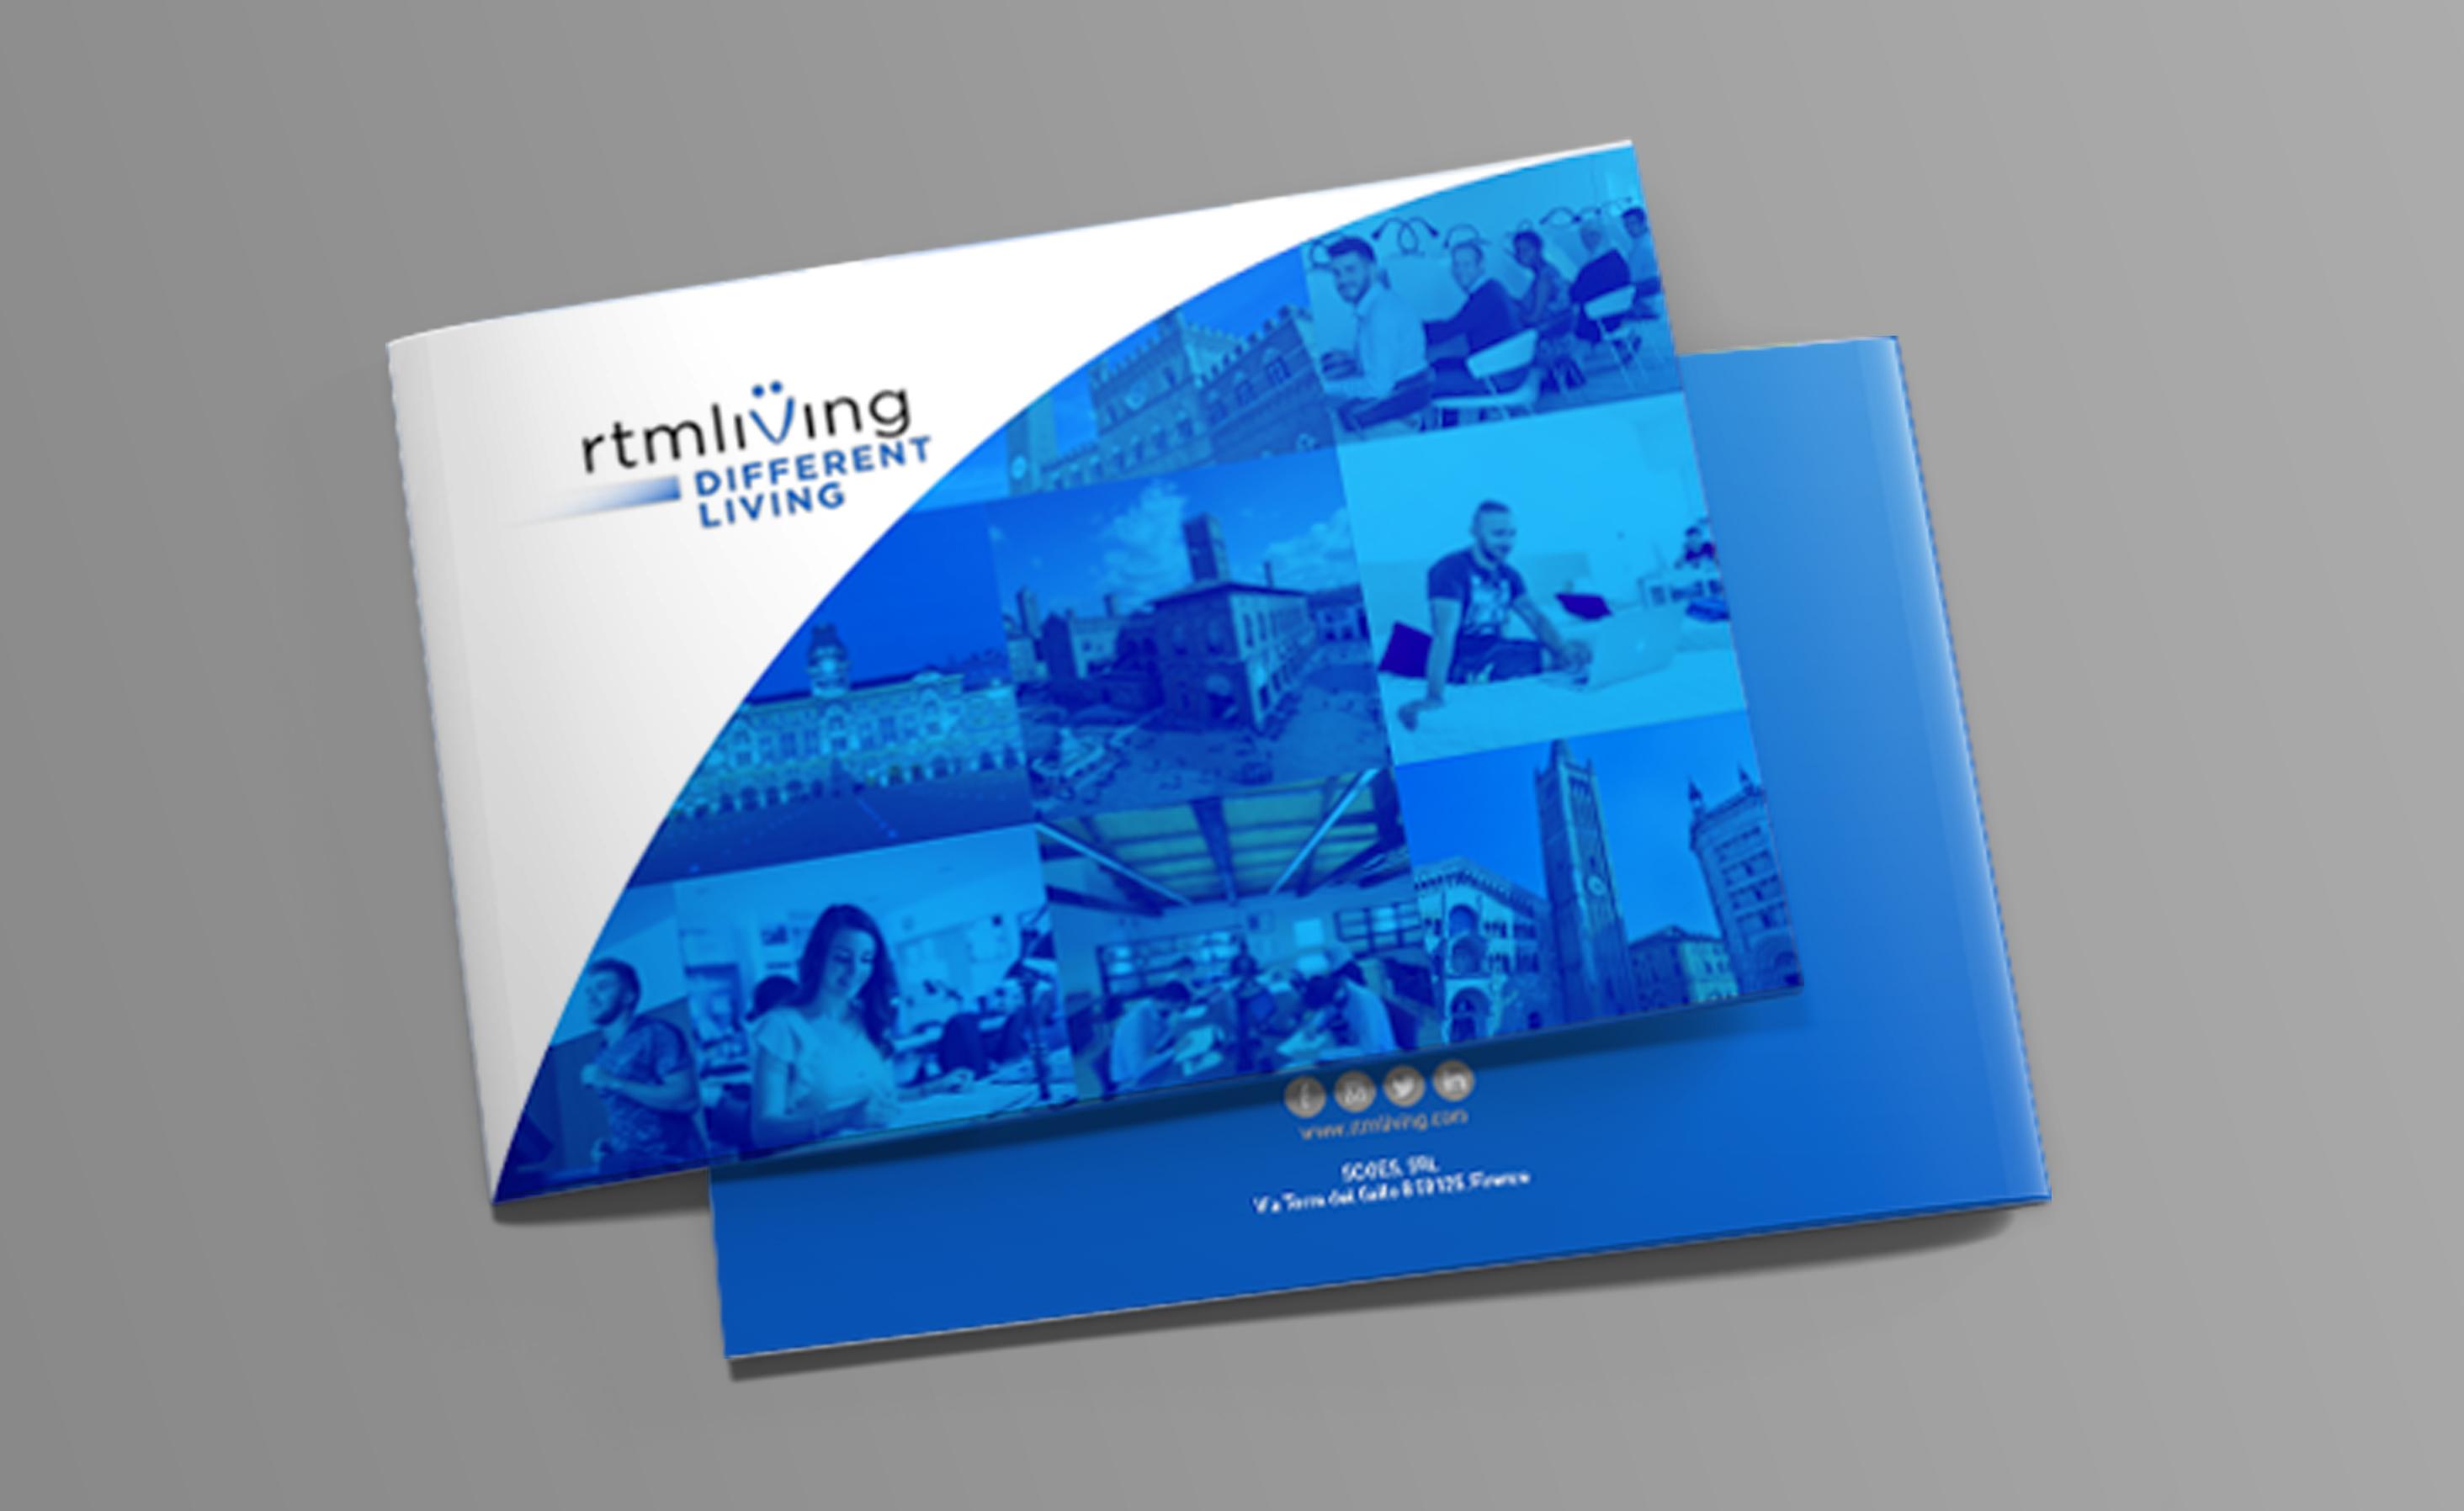 mockup-brochure-rtm